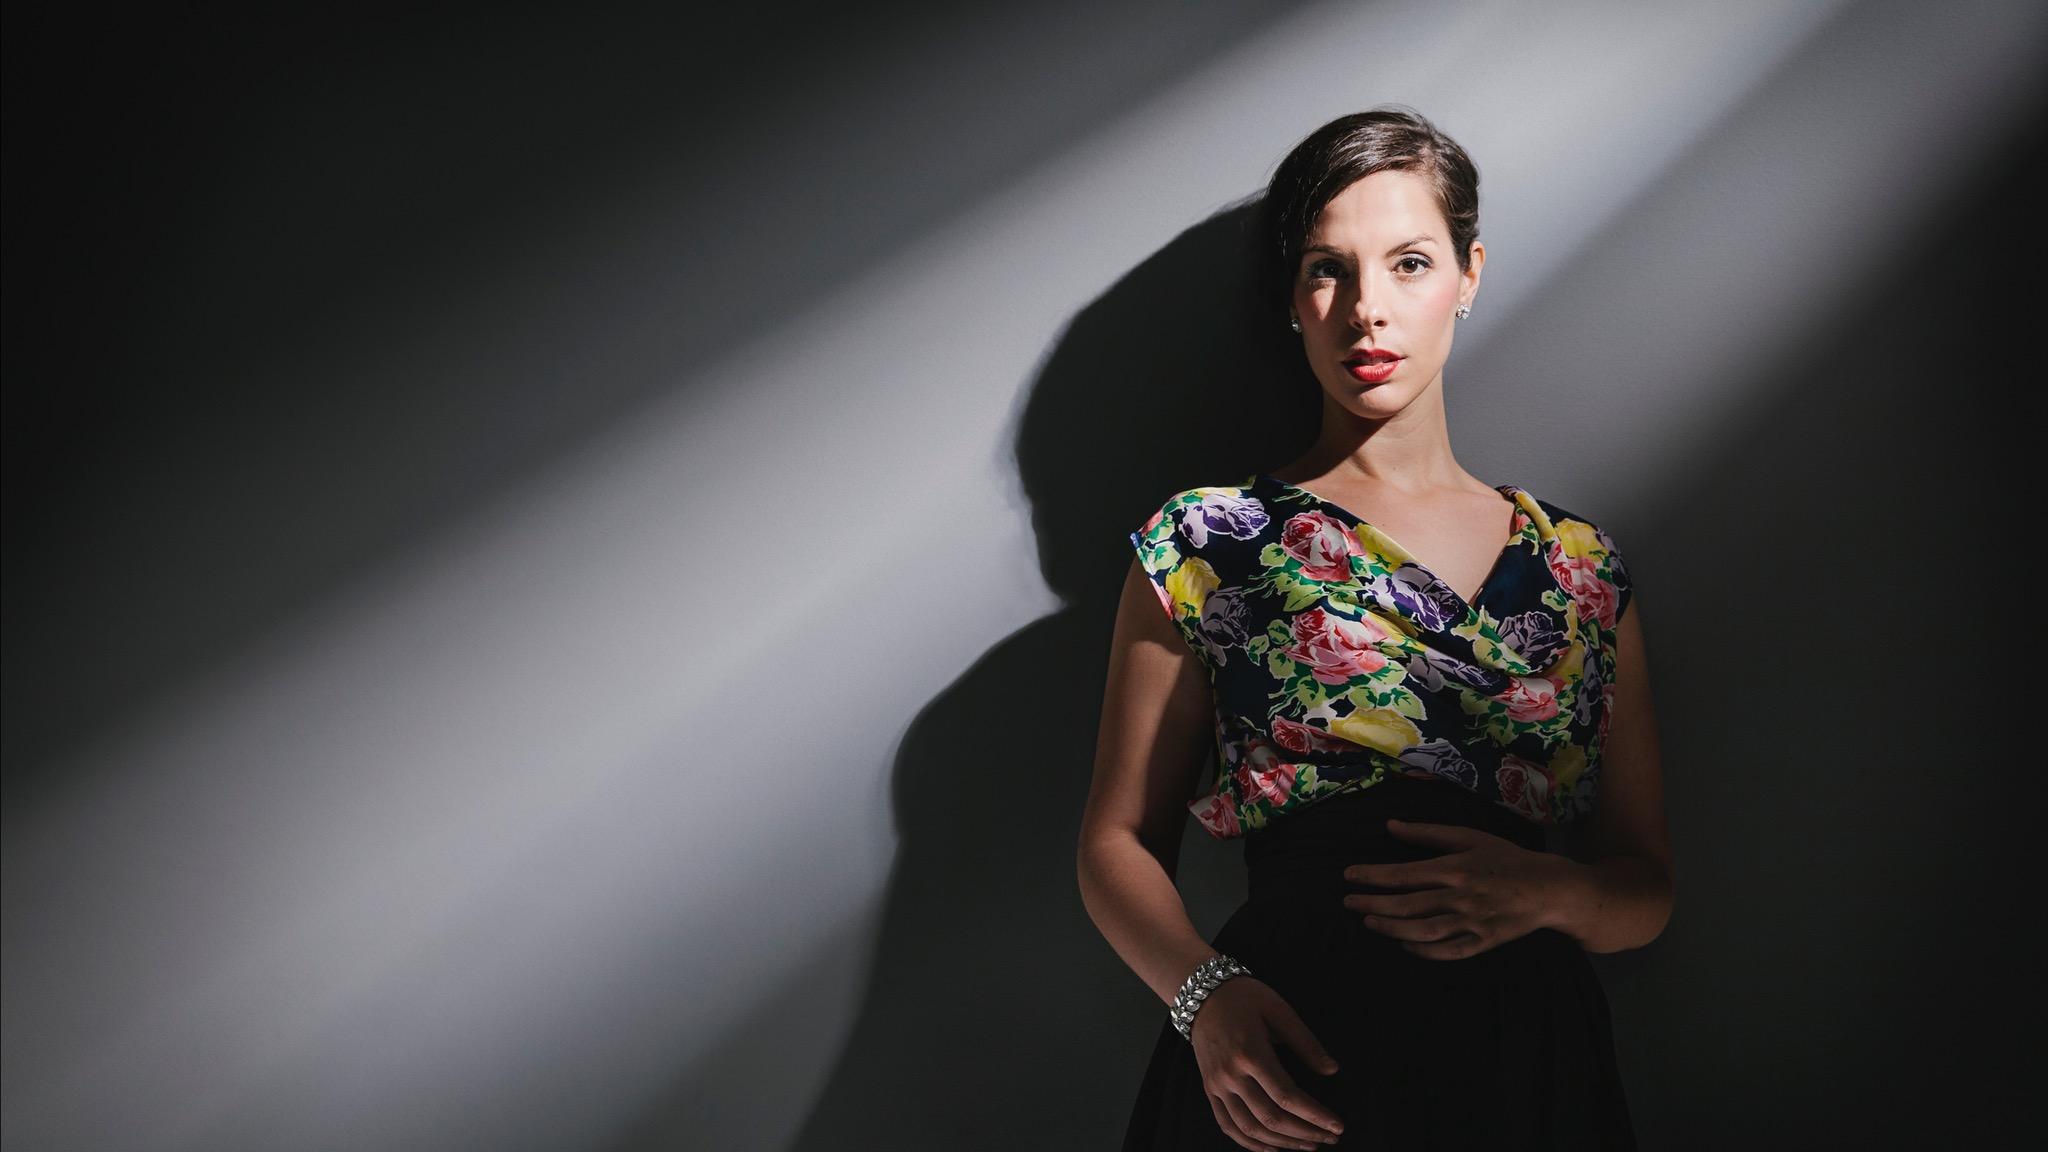 Miss Georgia Brooks